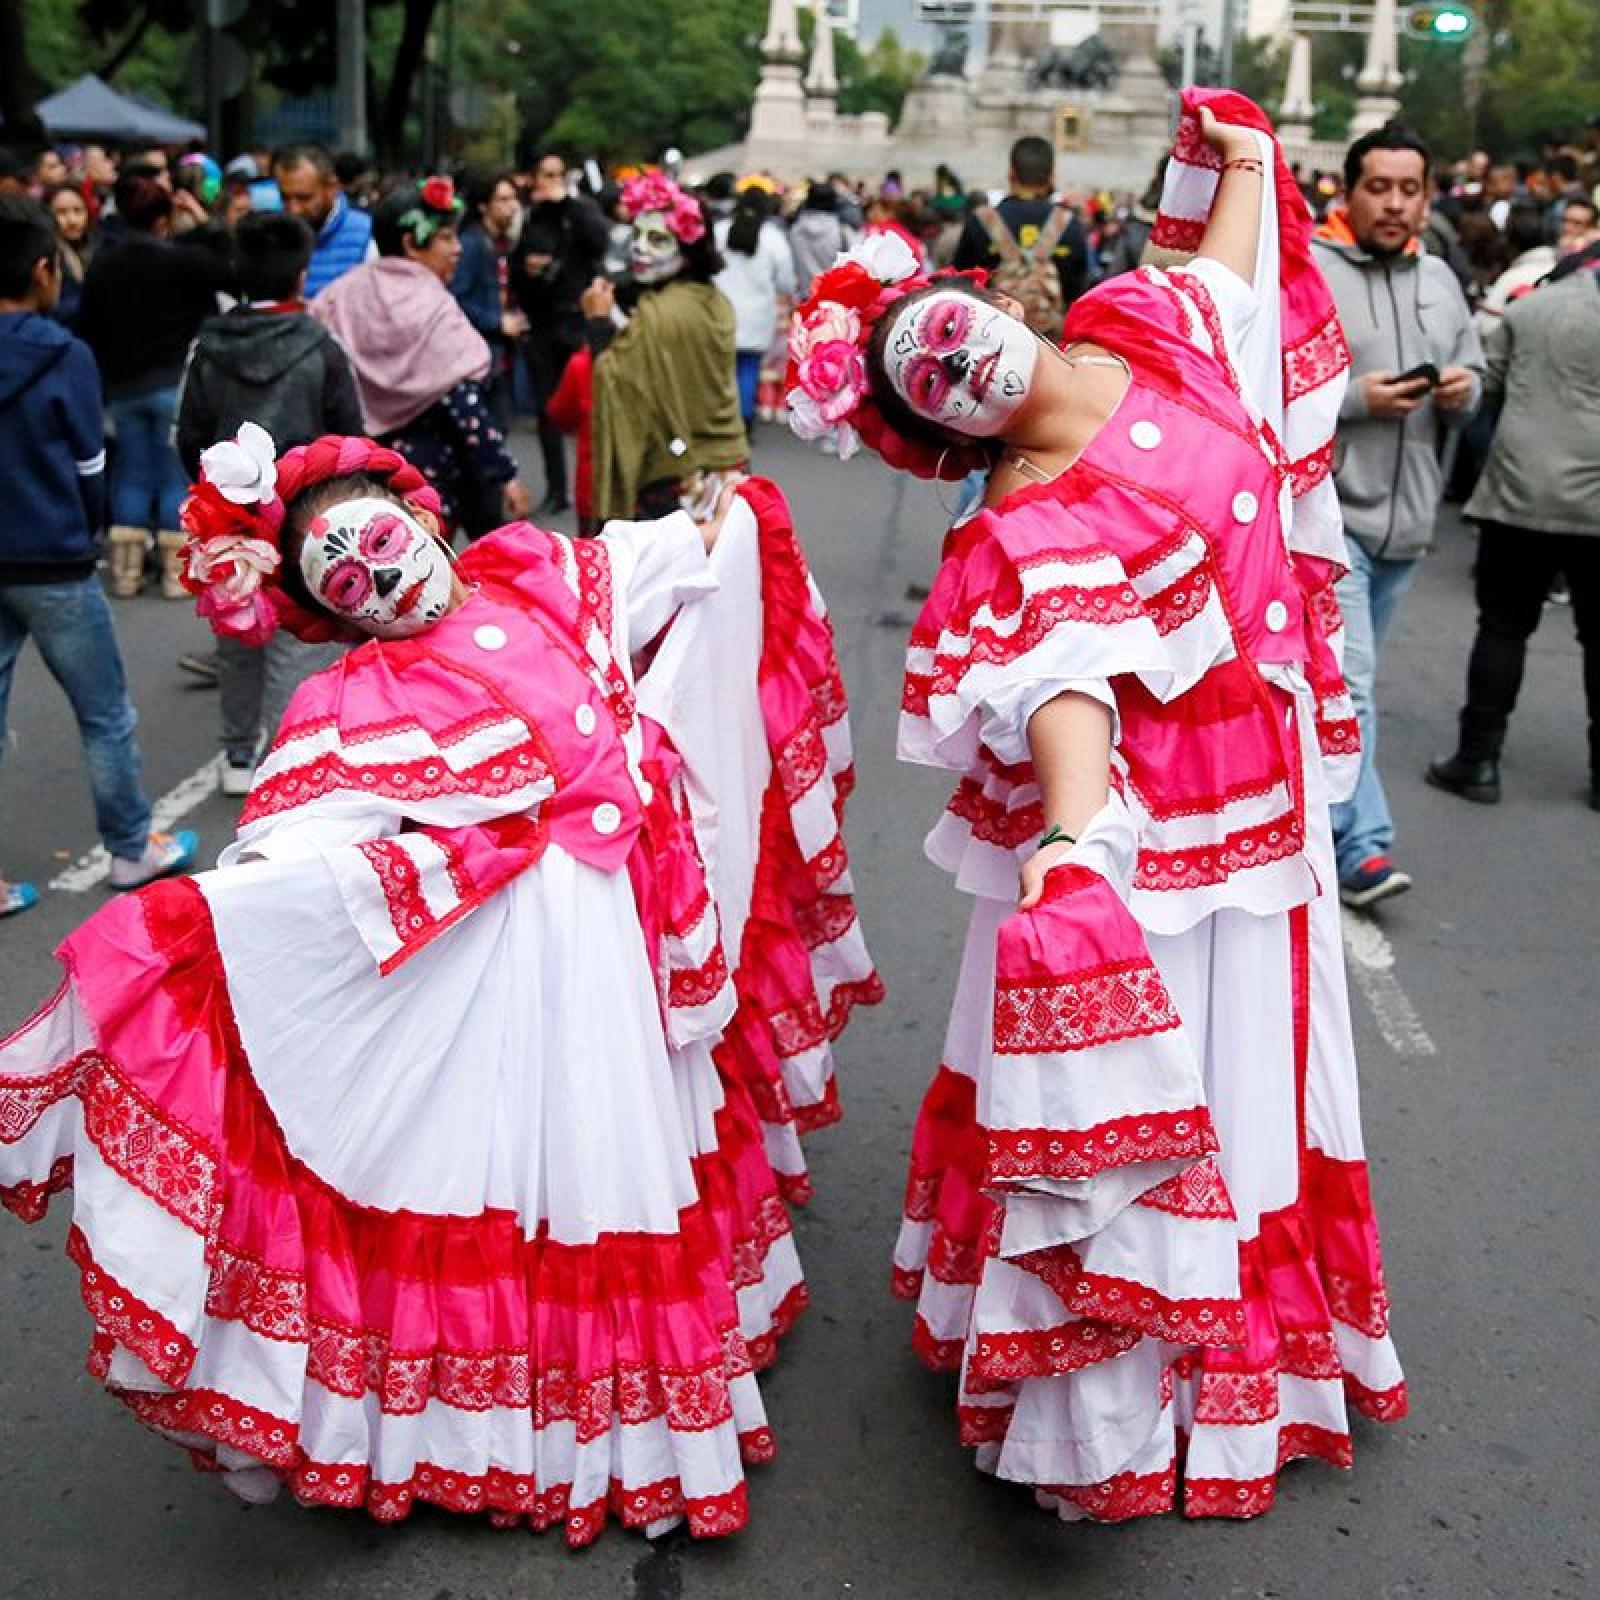 Mexico's Day of the Dead: 54 Breathtaking Photos of El Día